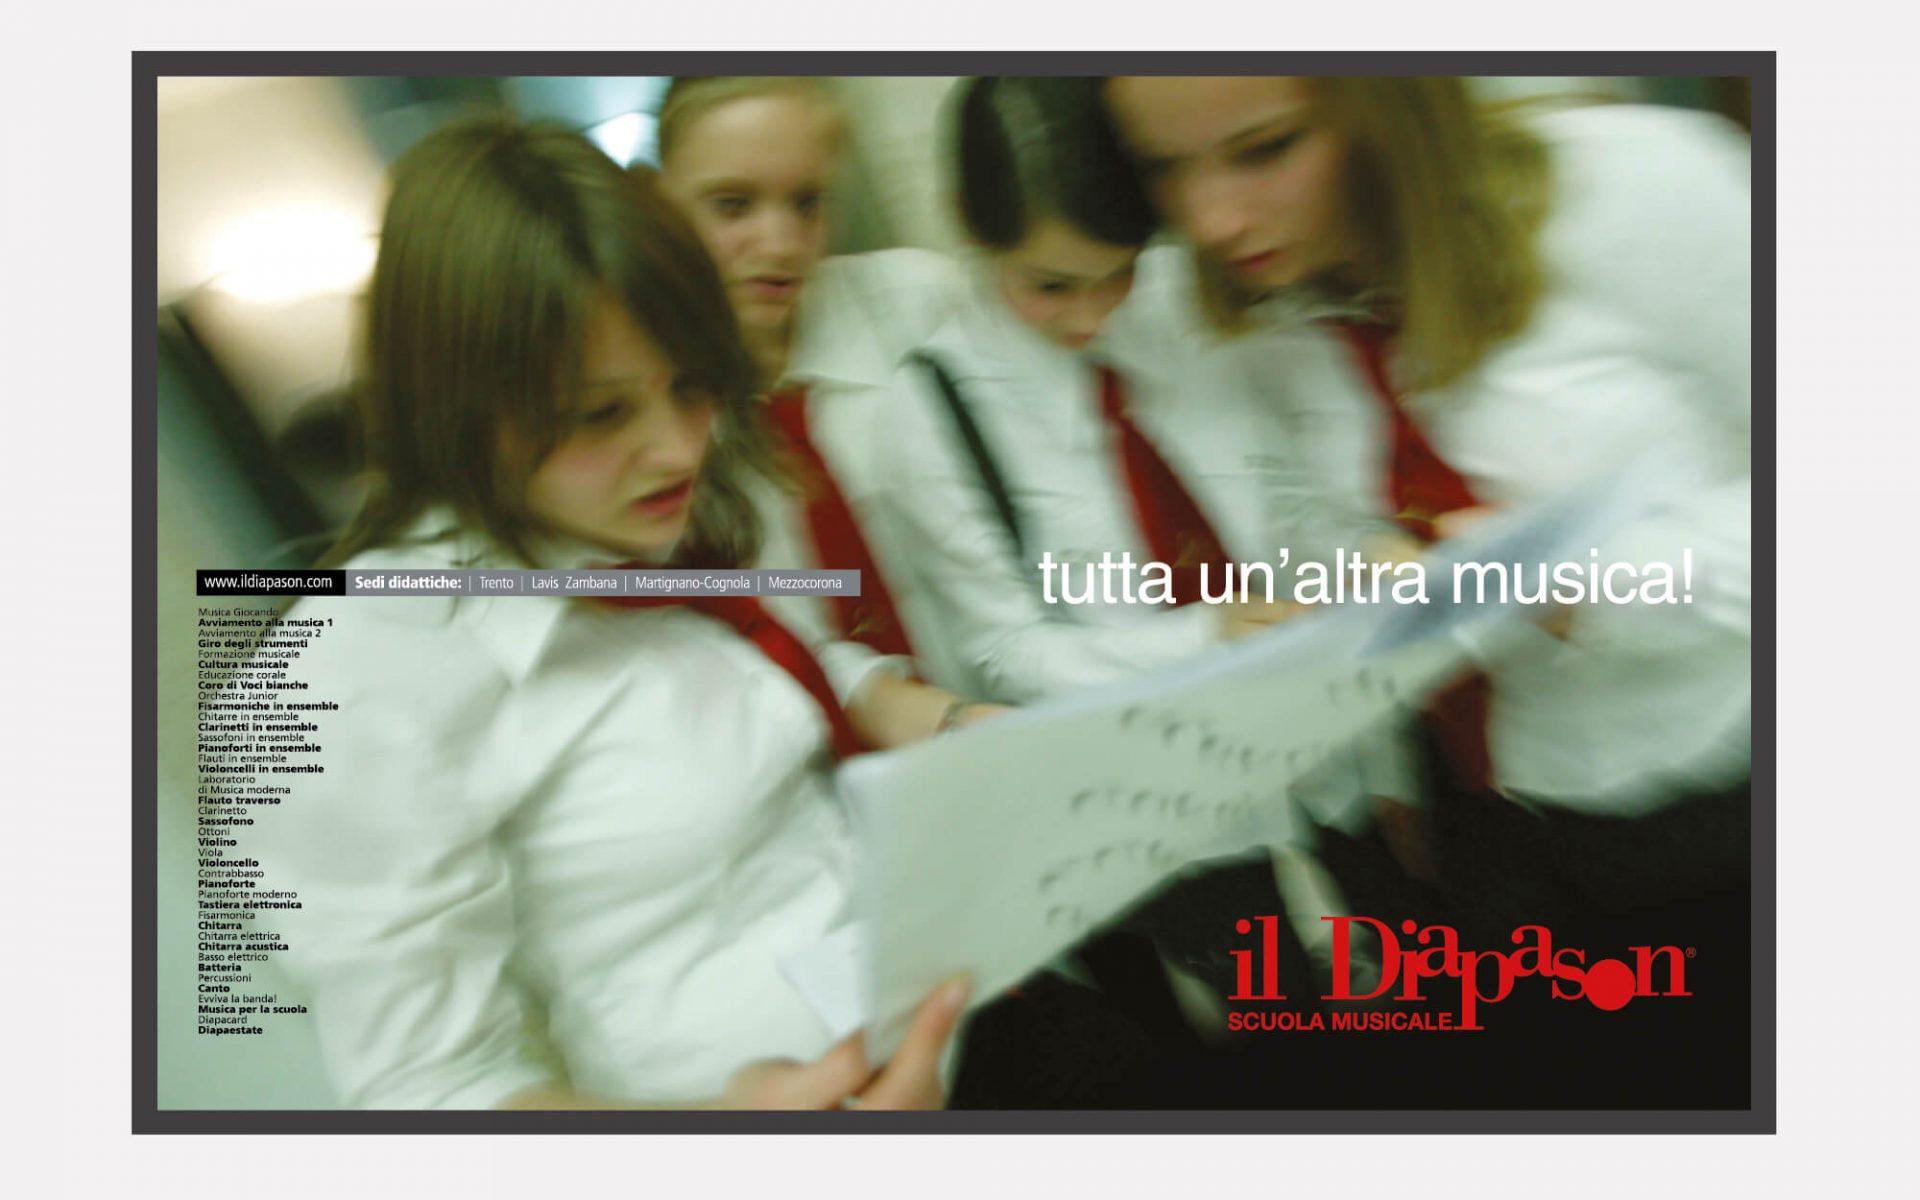 adv creata per la scuola musicale il diapason, per promuovere i corsi musicali. Progetto grafico diadestudio arco trento